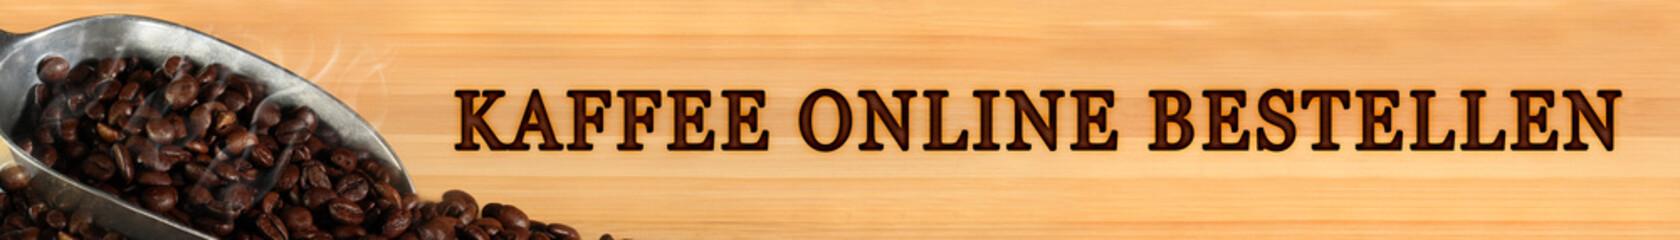 pb1 PictureBanner - Kaffee online bestellen - 7zu1 g1682